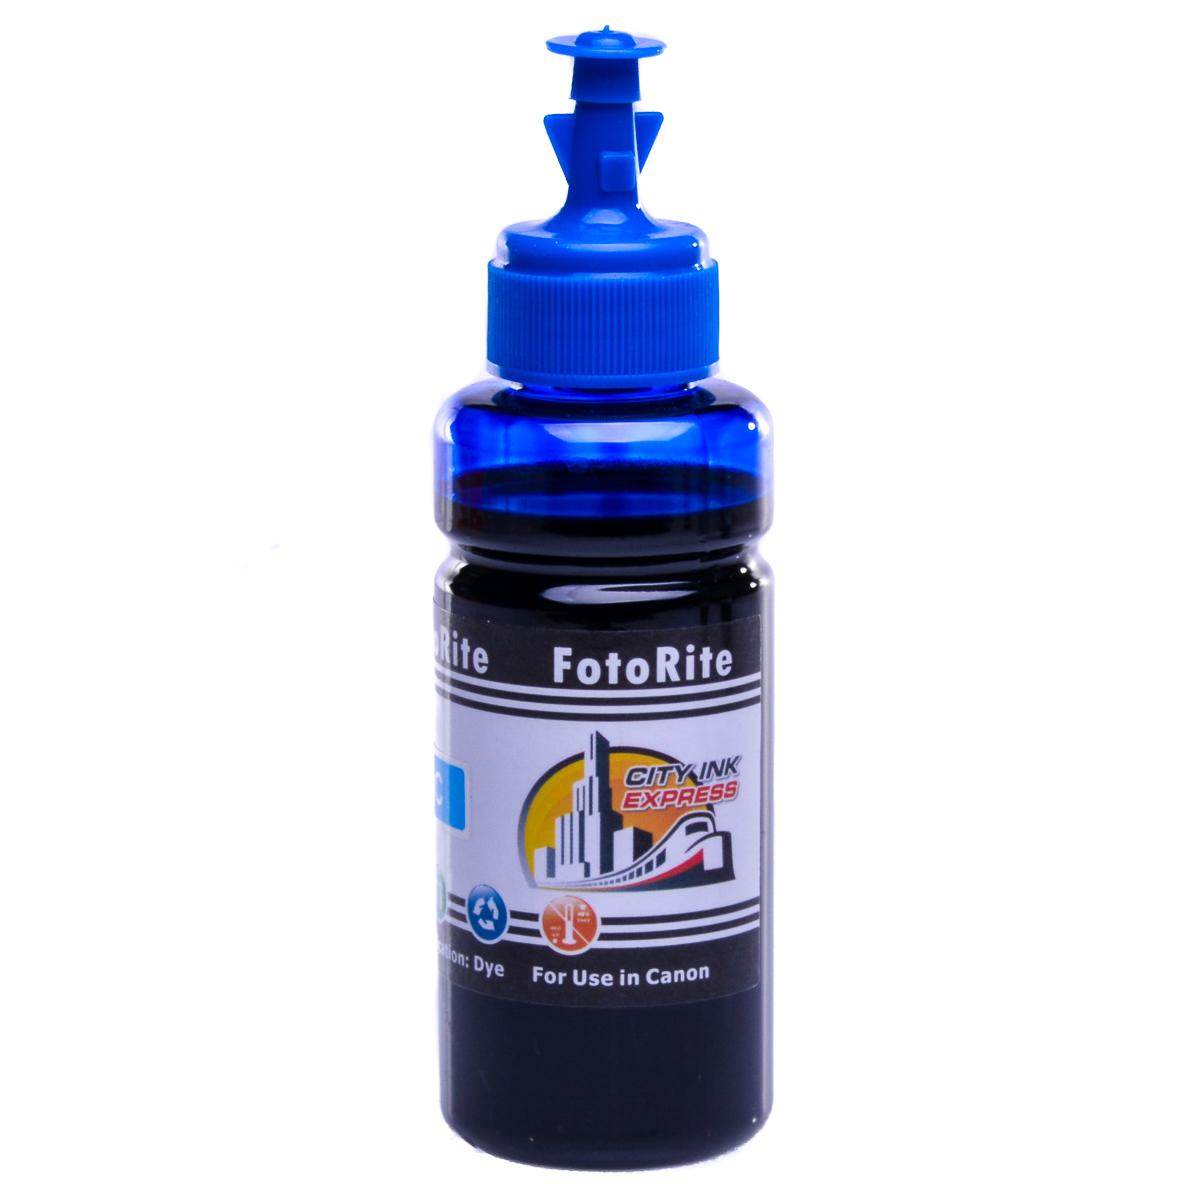 Cheap Cyan dye ink refill replaces Canon Pixma MX390 - CL-541